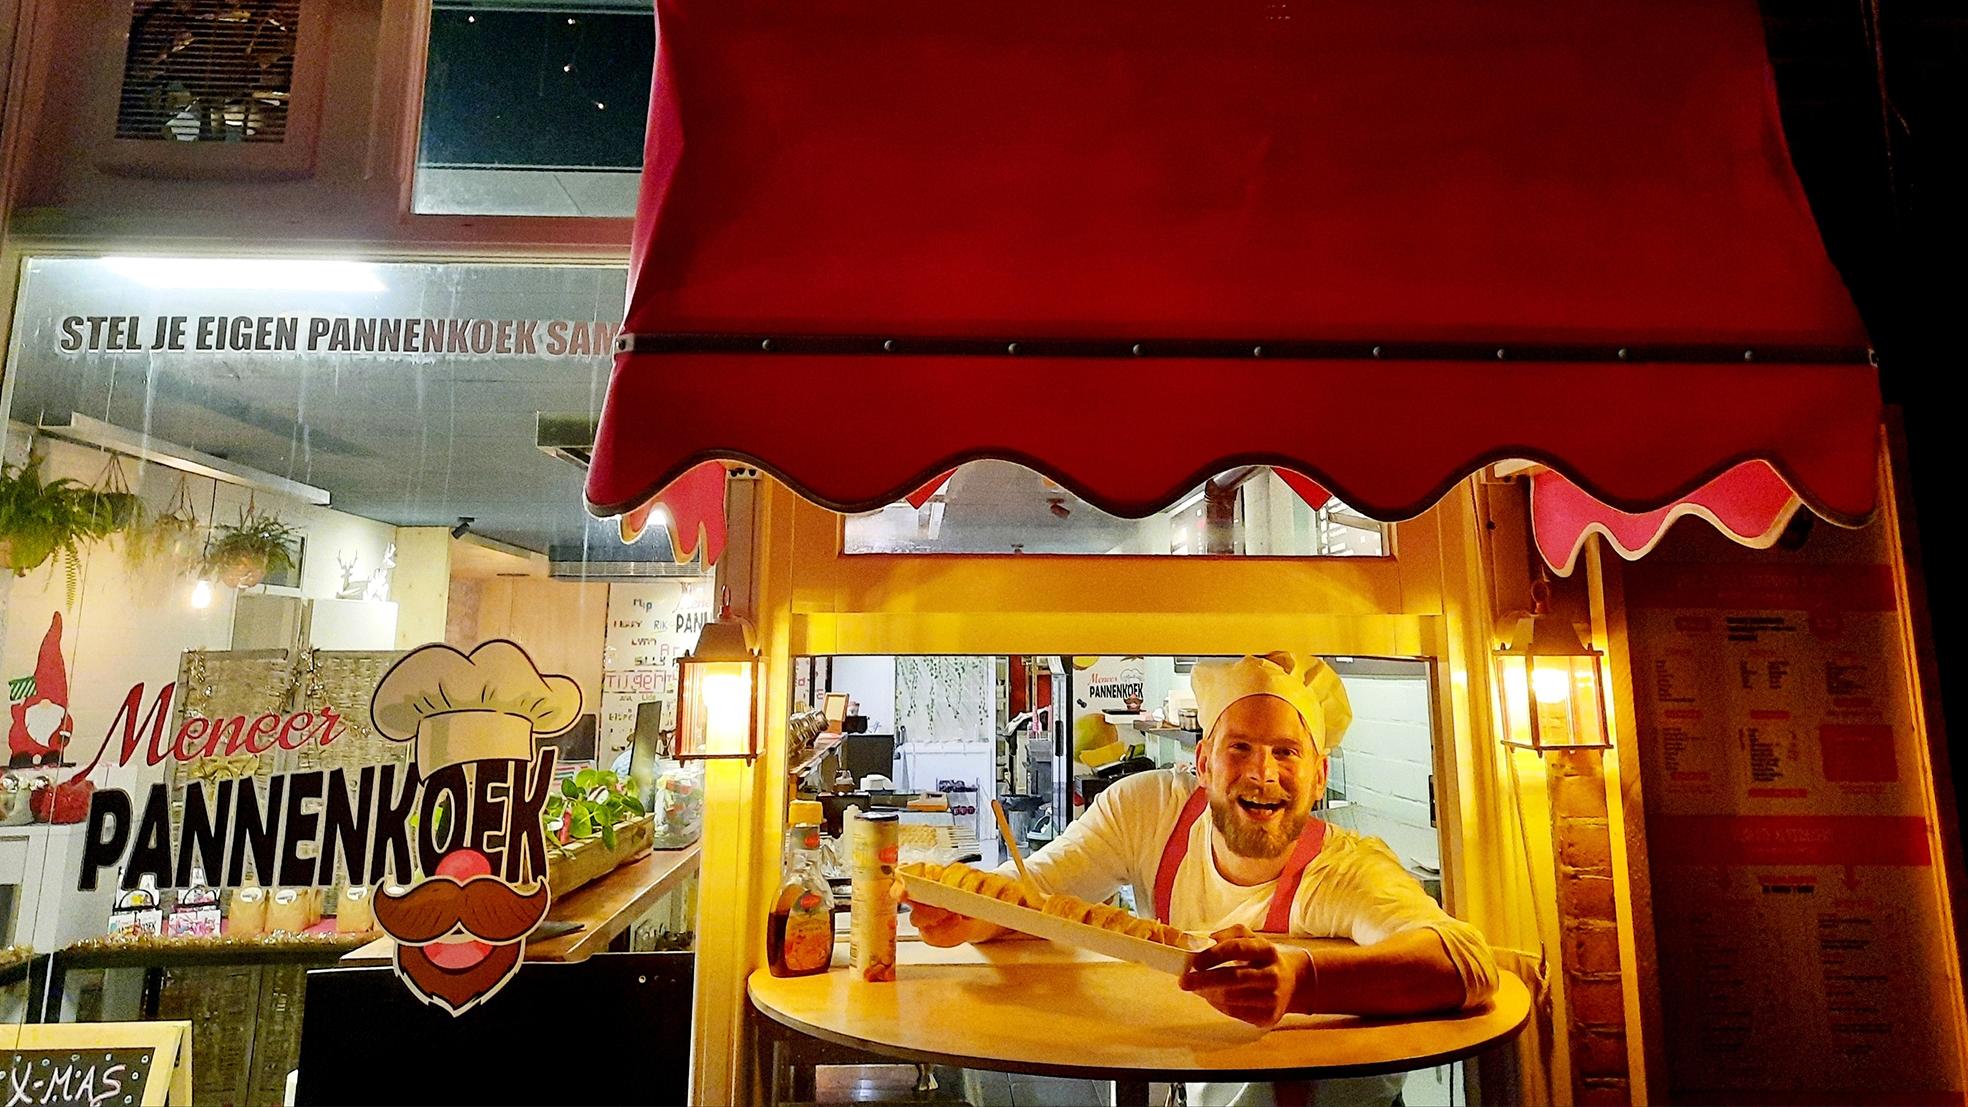 Meneertje Pannenkoek restaurant